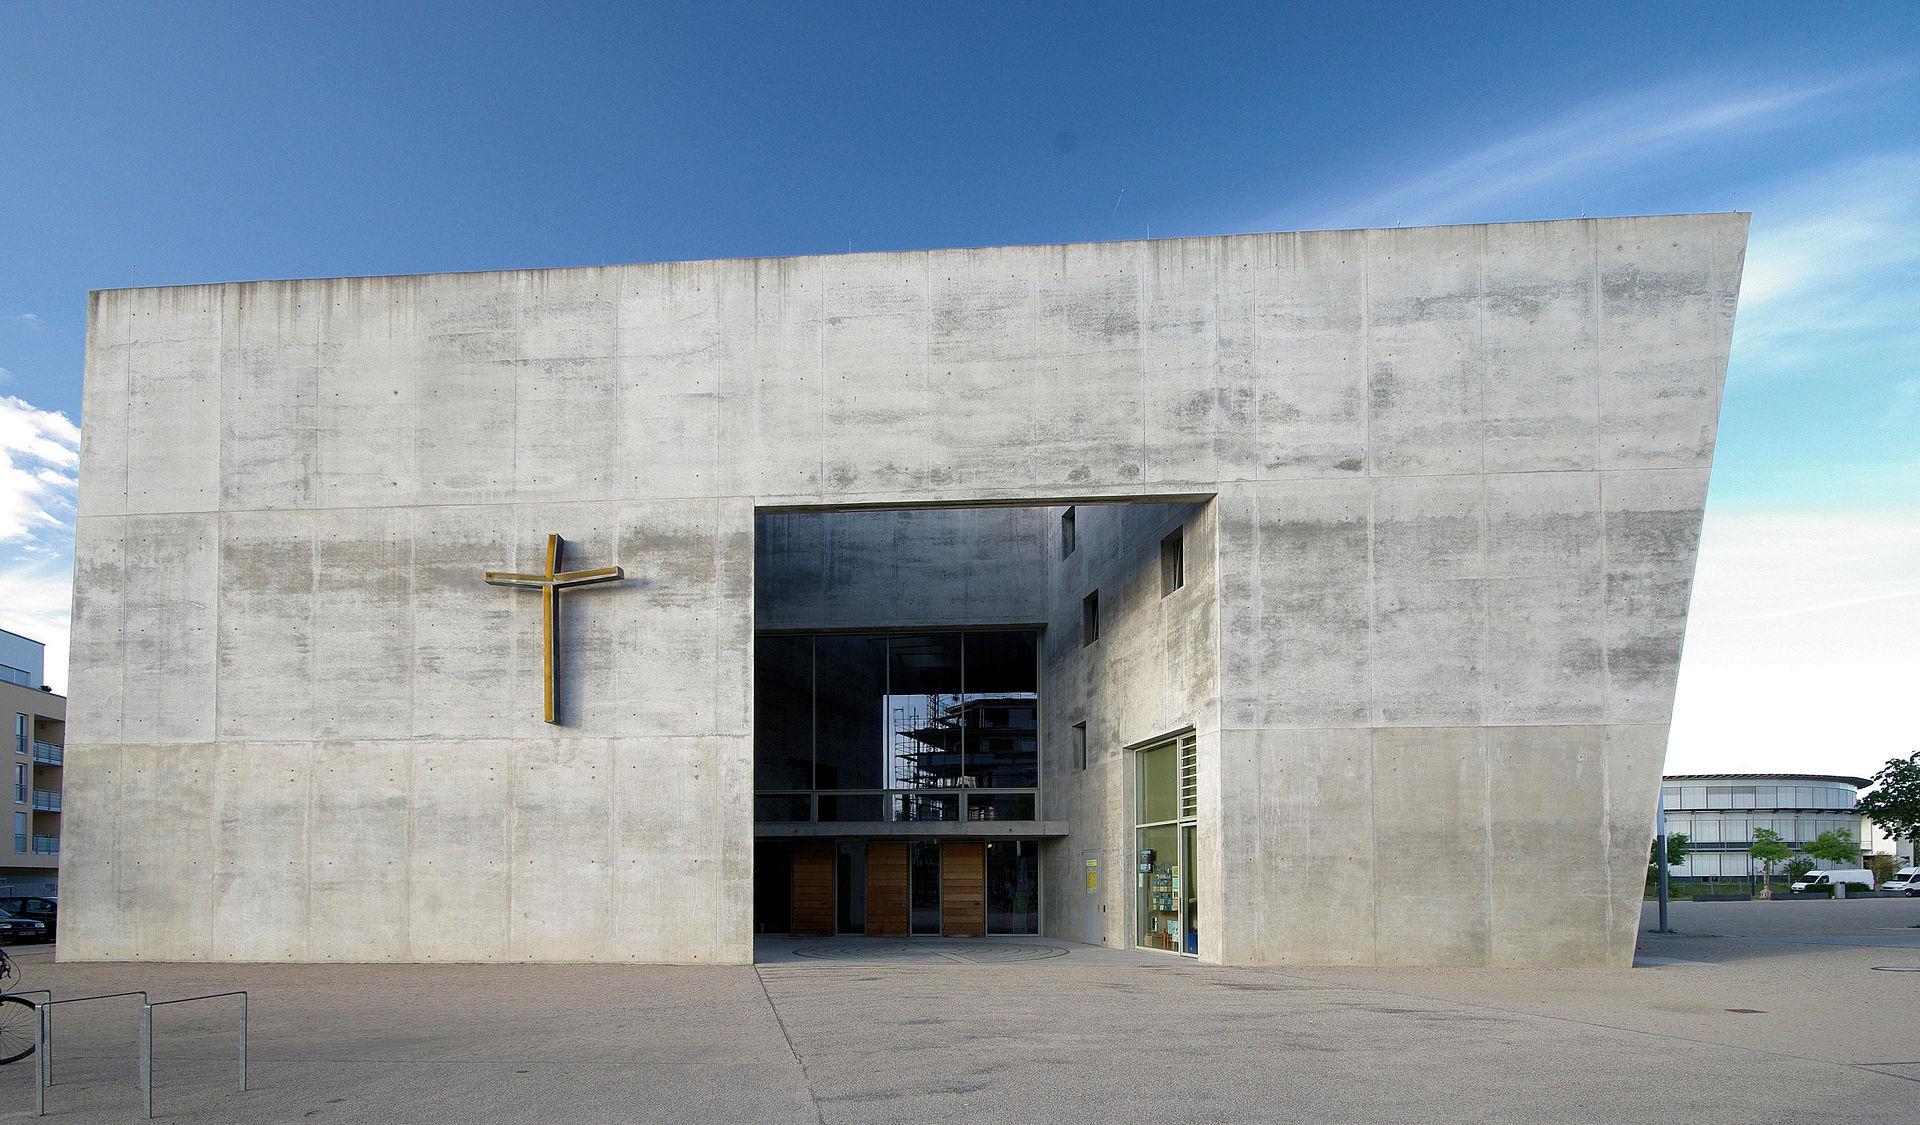 Bild Kirche St. Maria Magdalena Freiburg